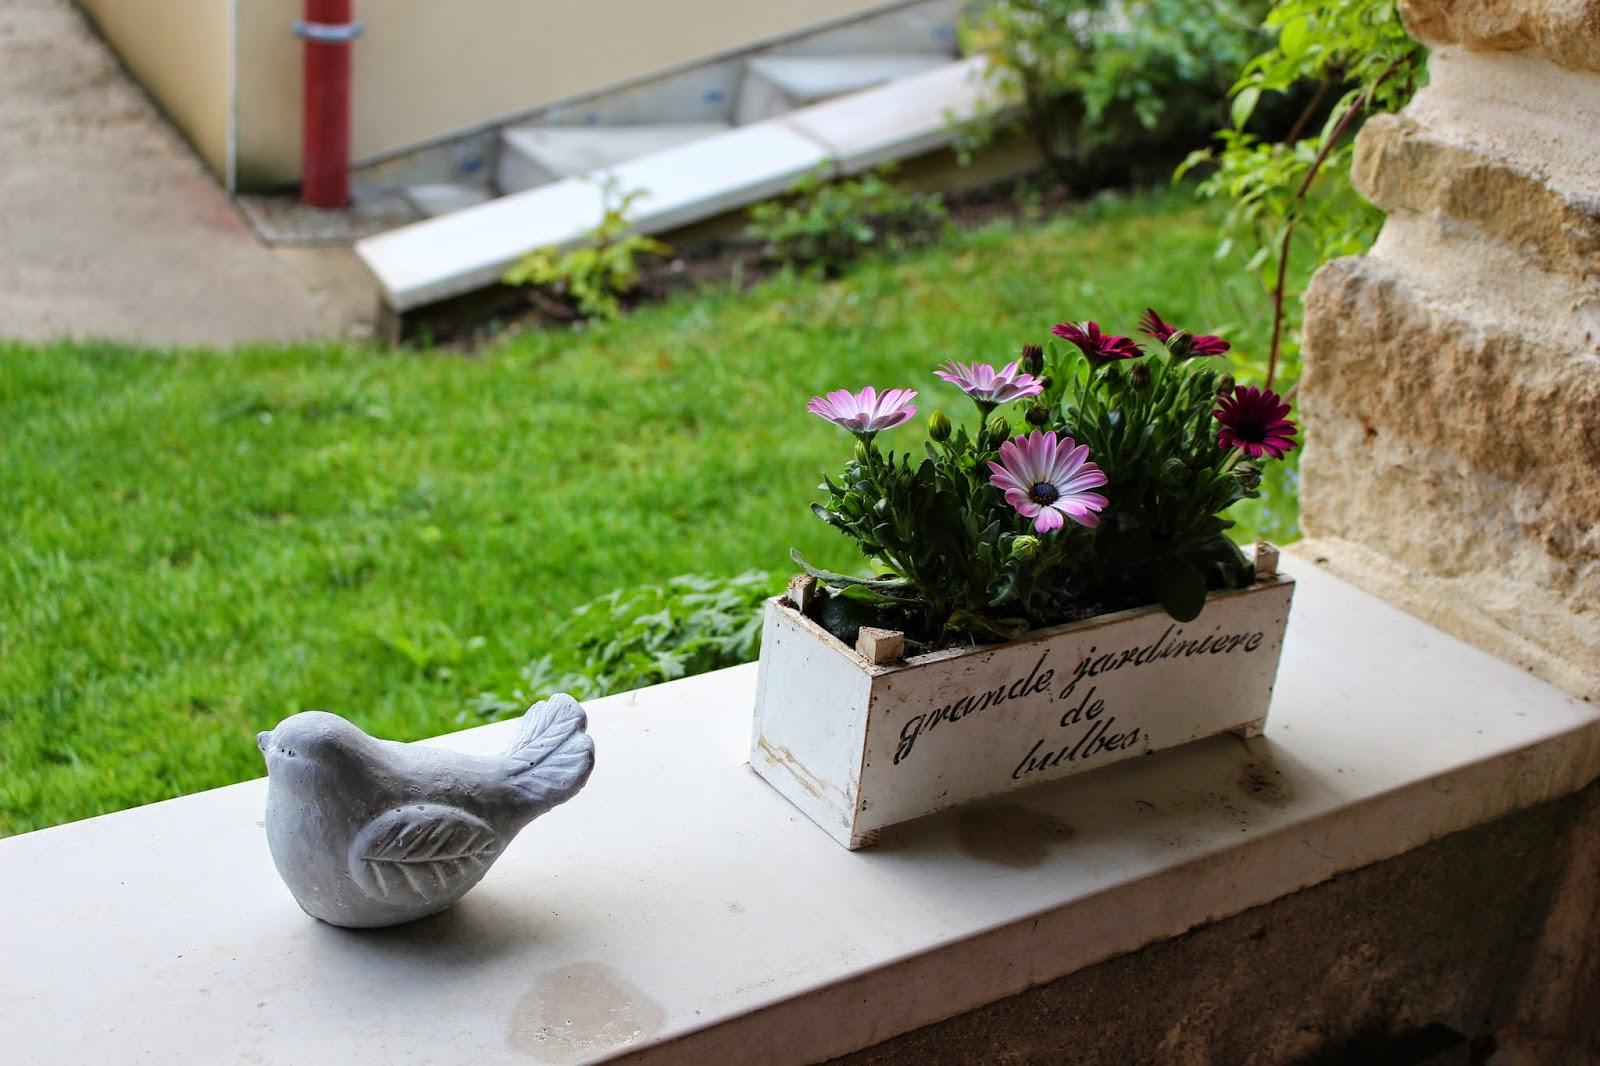 notre jardin secret jardini res. Black Bedroom Furniture Sets. Home Design Ideas